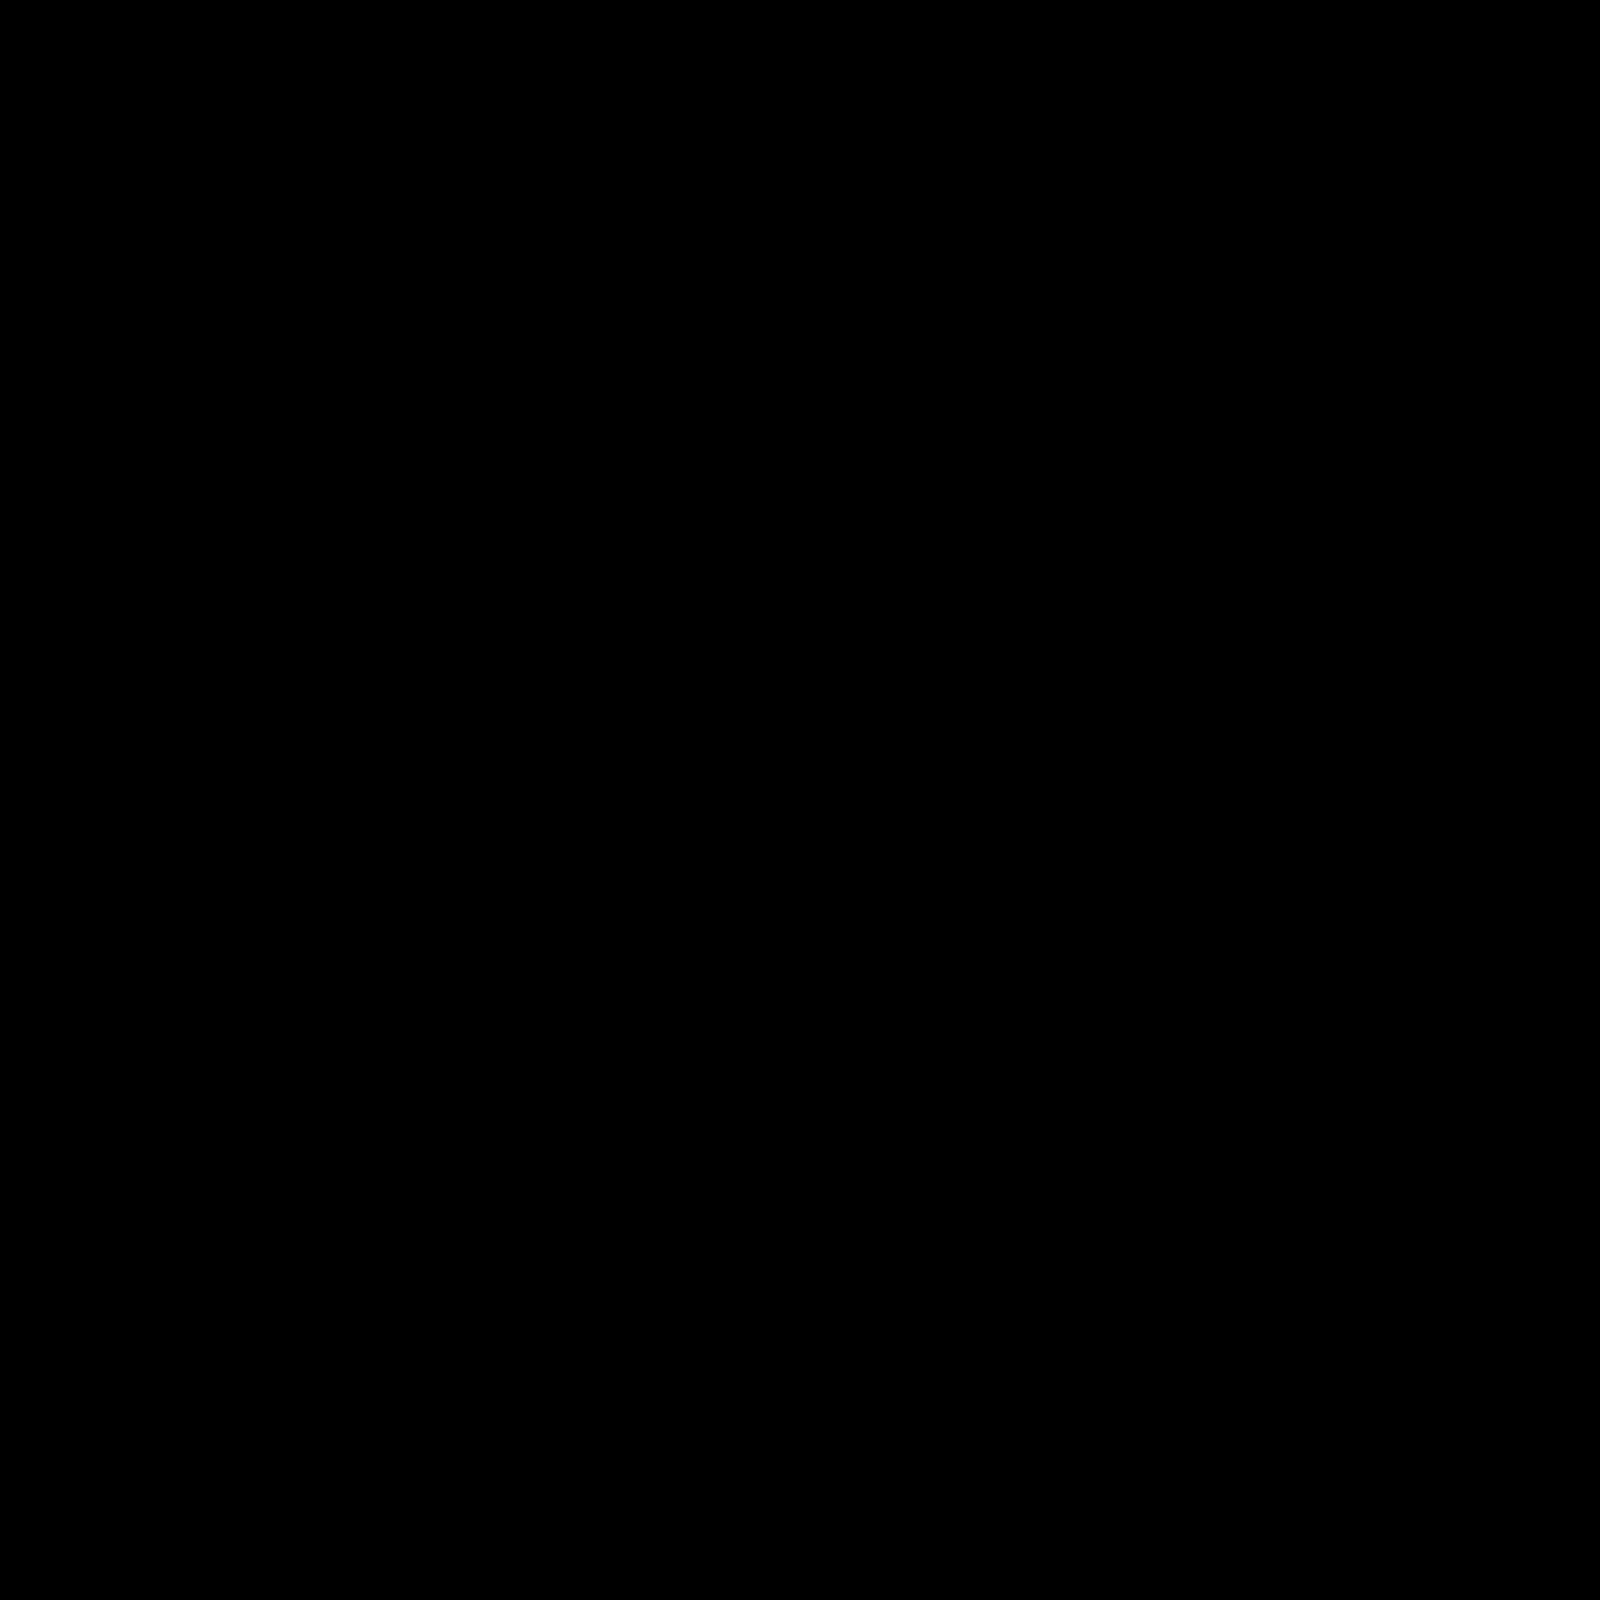 Ultrason icon